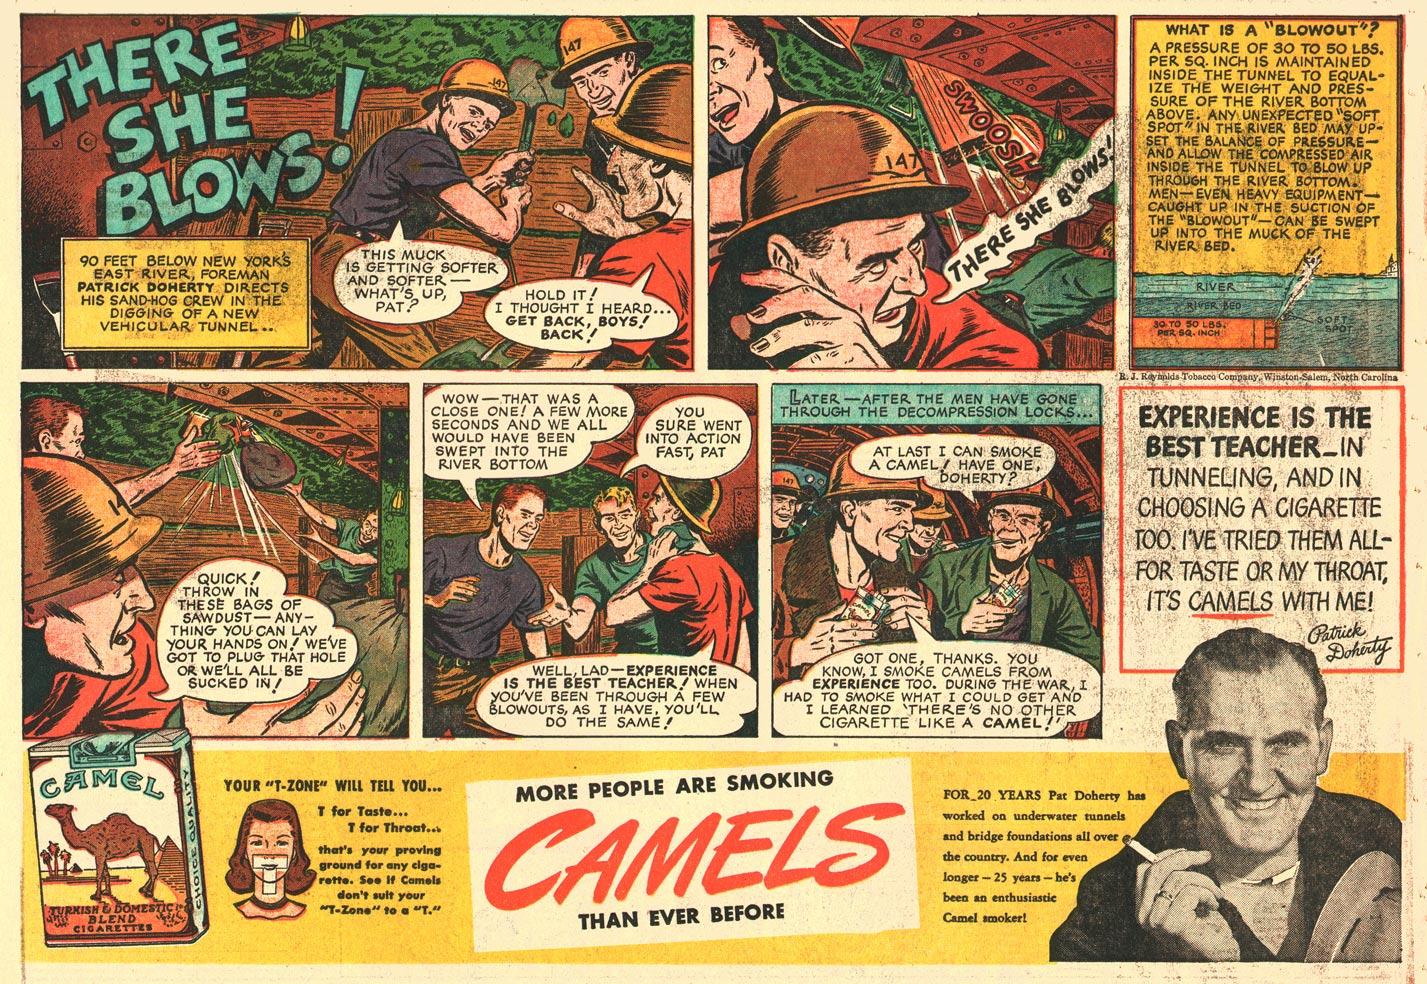 http://4.bp.blogspot.com/_P5-KXUCbsI8/TD4mP6XURQI/AAAAAAAASjY/JUajtIz8zzc/s1600/Camels-Ad-1947-05-04.jpg